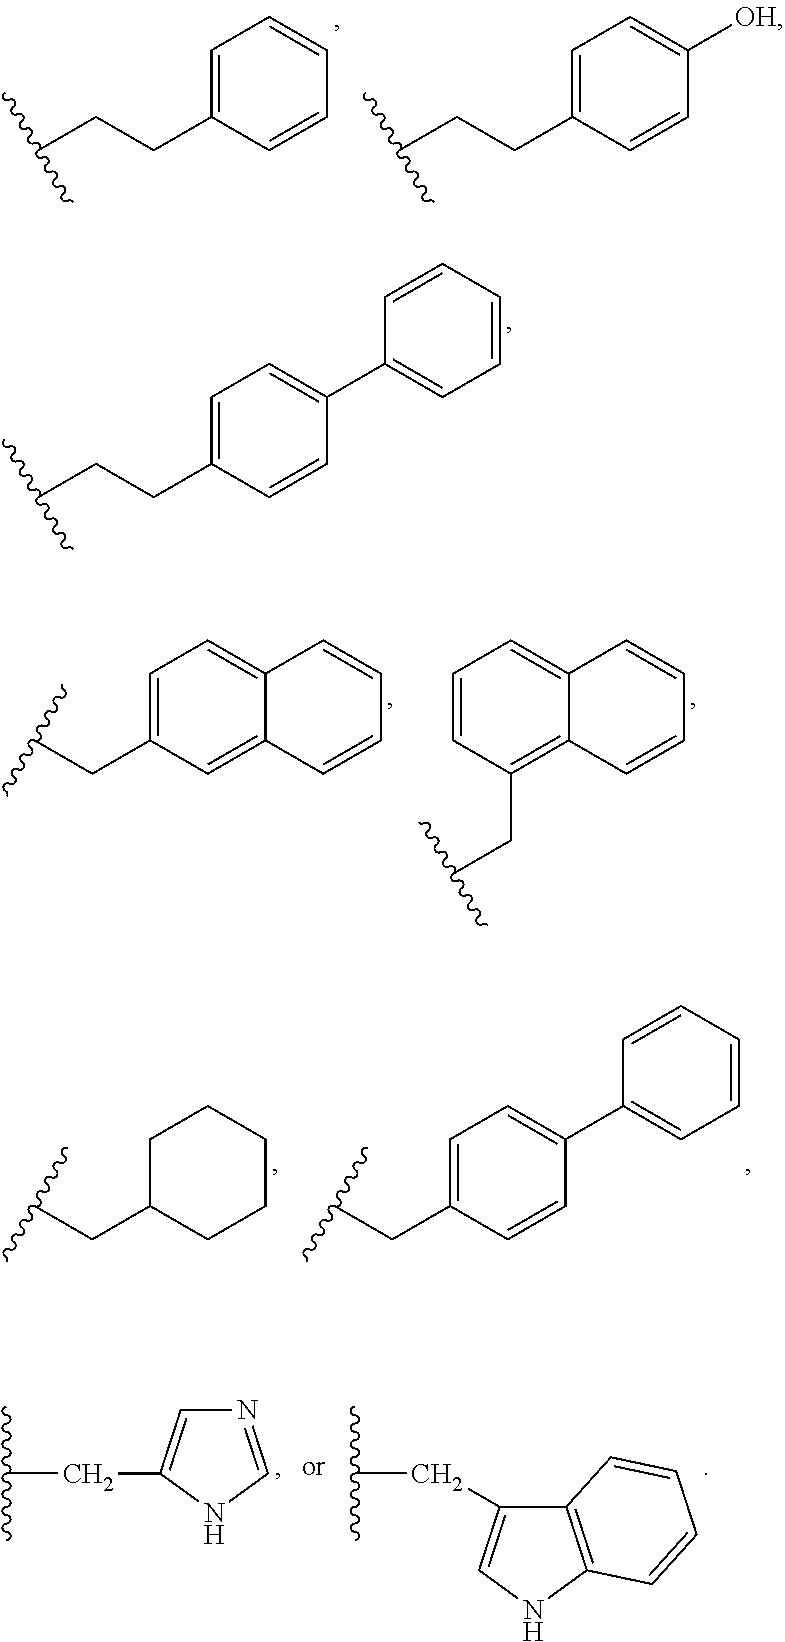 Figure US20150273078A1-20151001-C00073